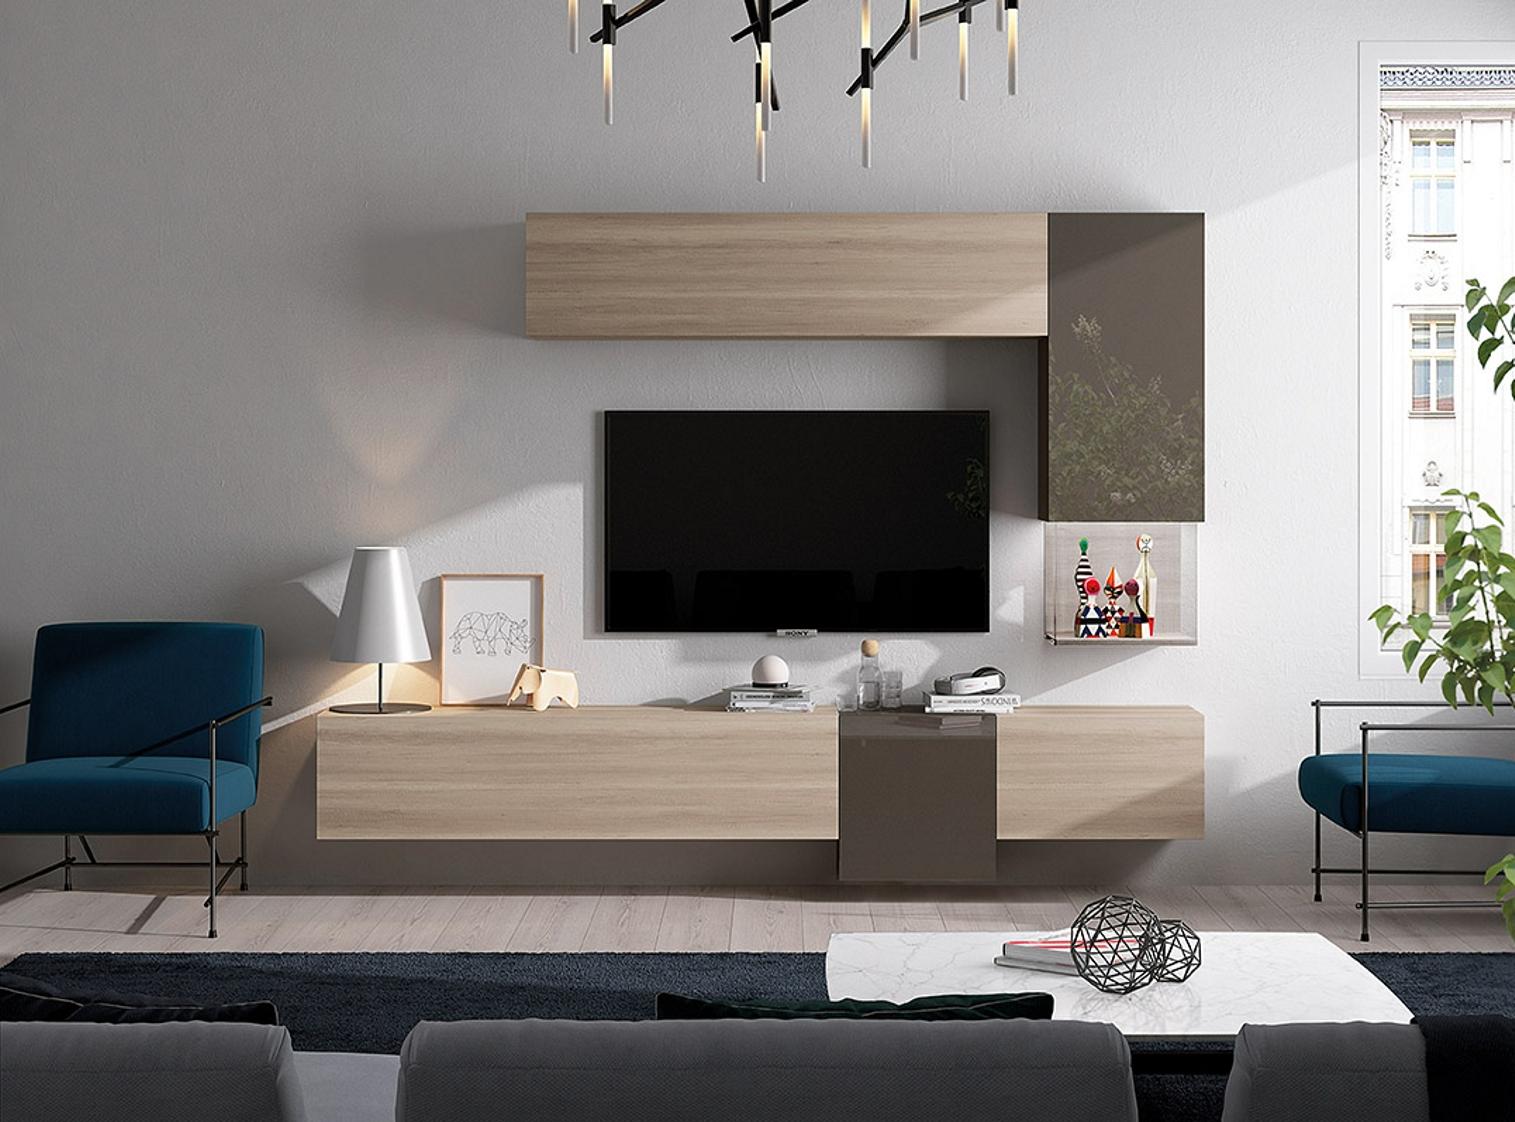 salon-moderno-Zion-3.0-muebles-paco-caballero-0907-5c8d32d5403e8